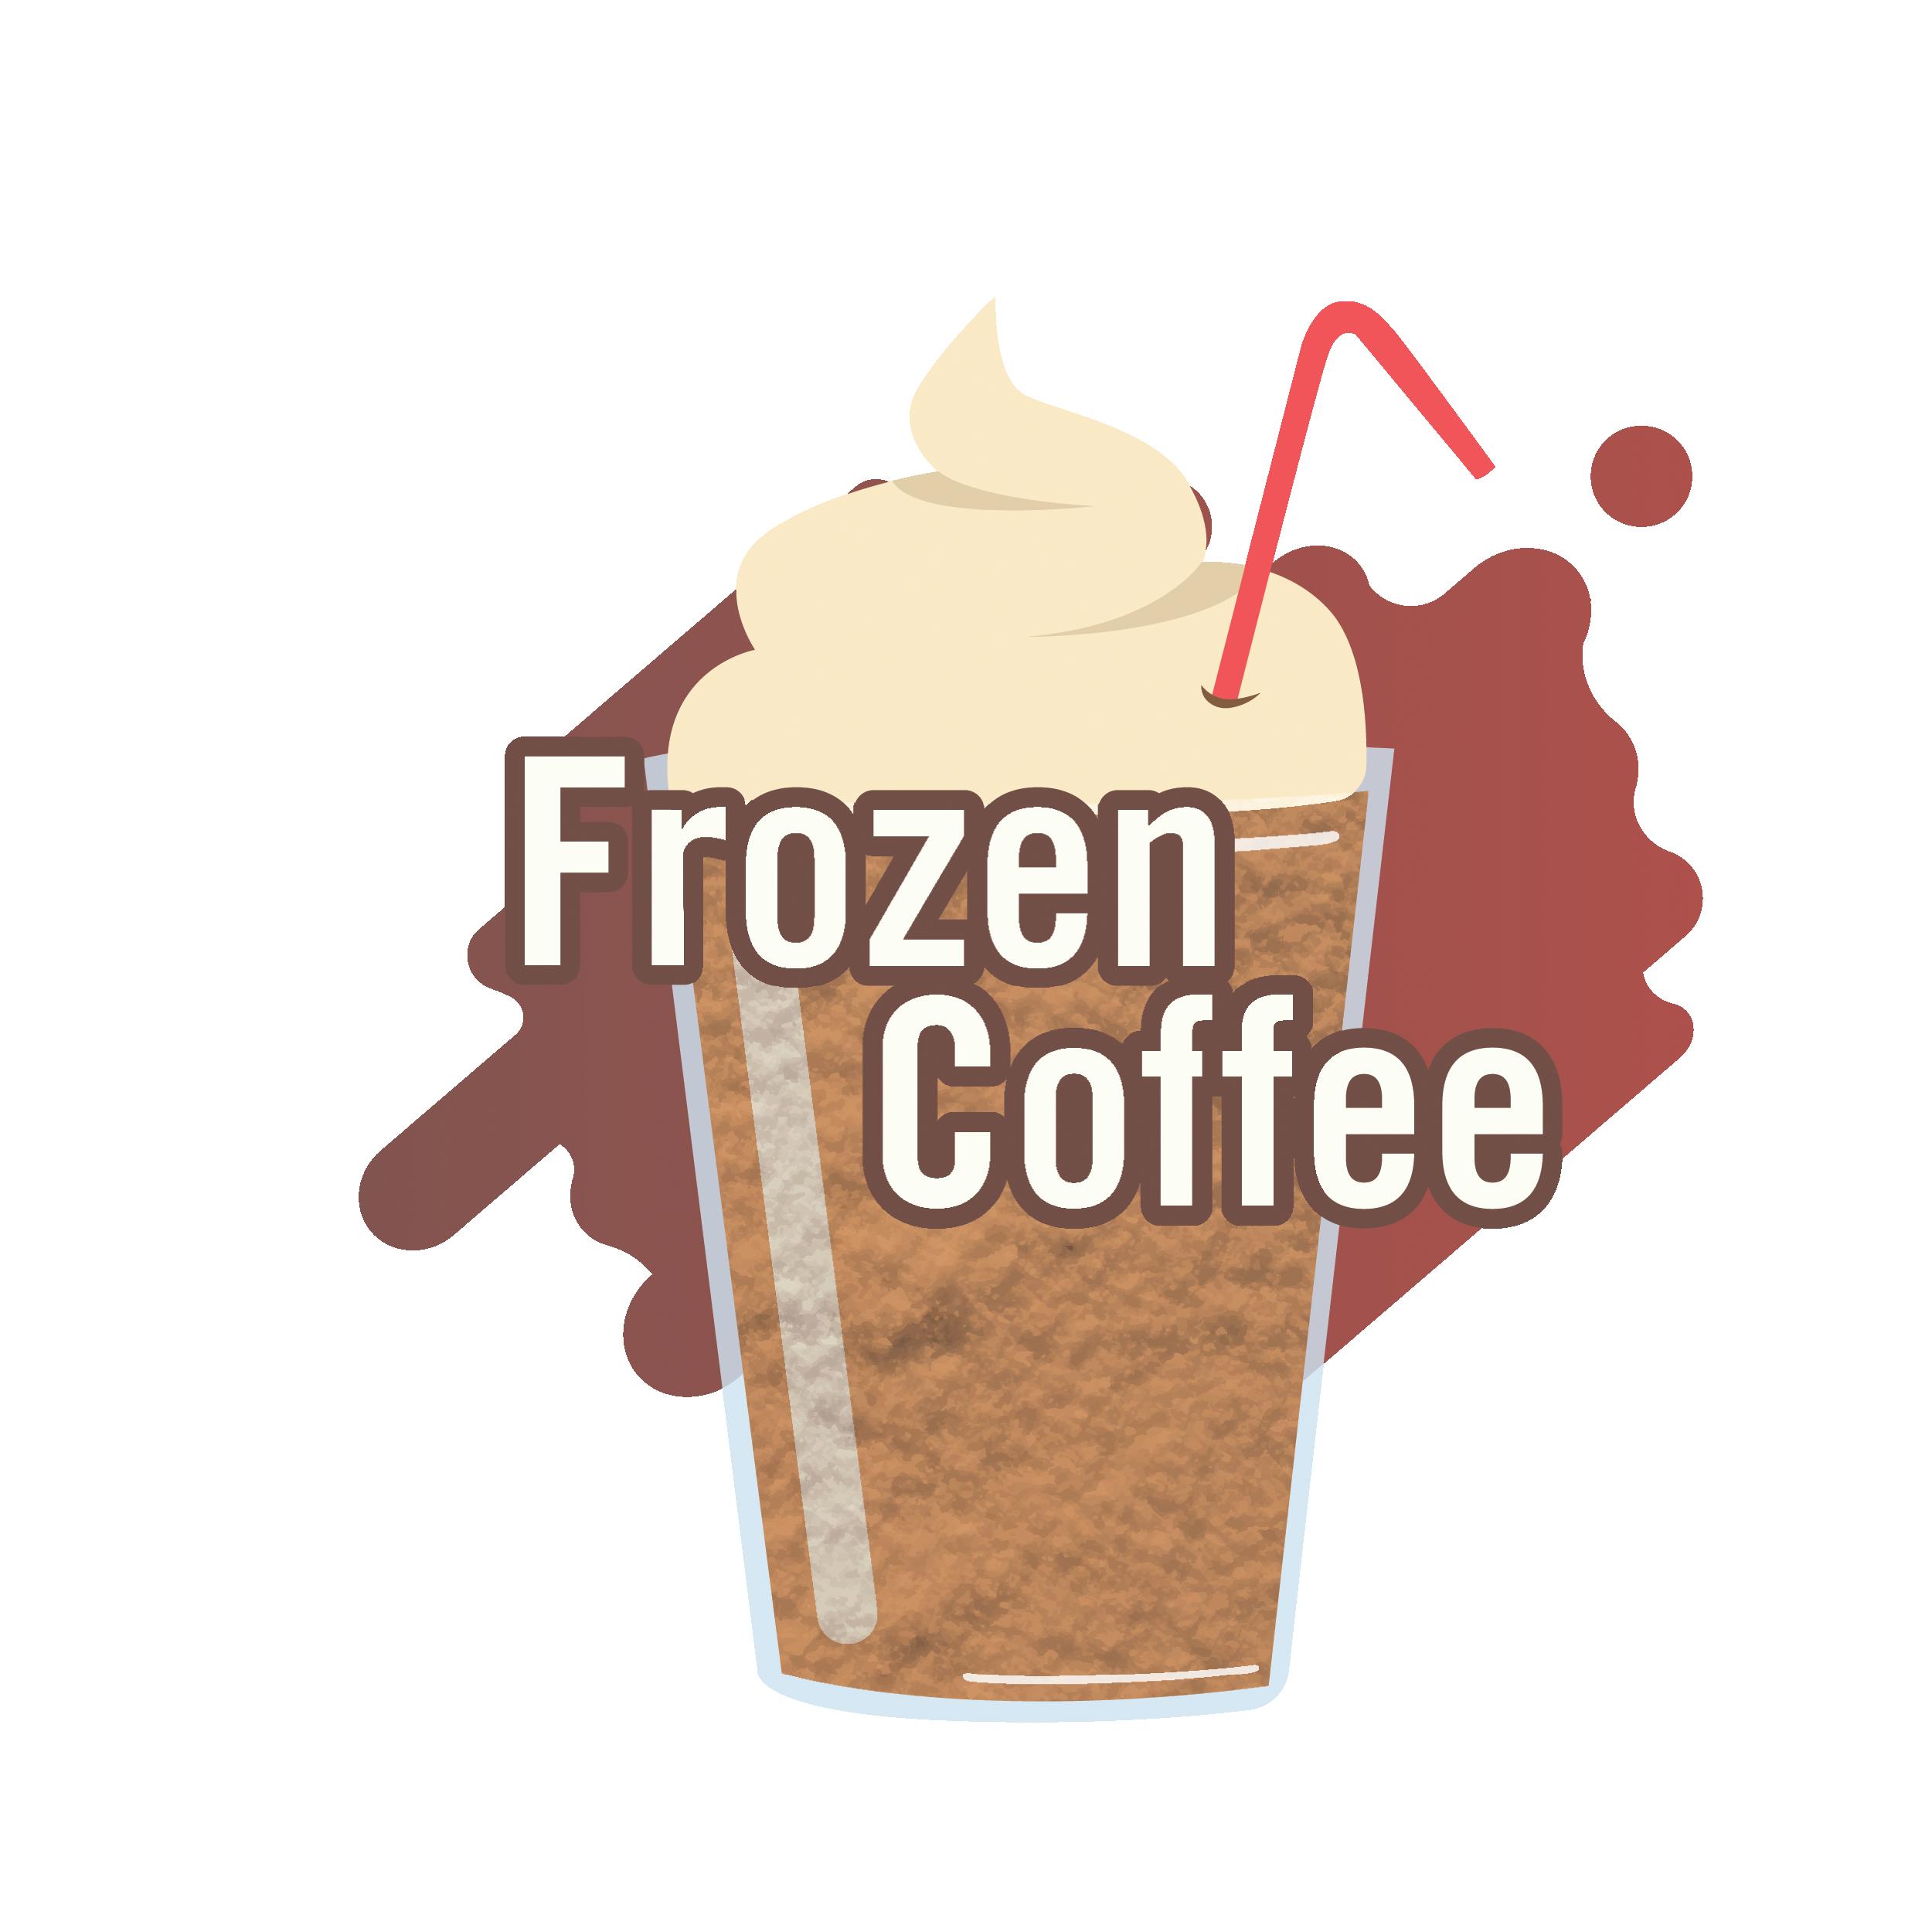 FrozenCoffee_GenericGraphic